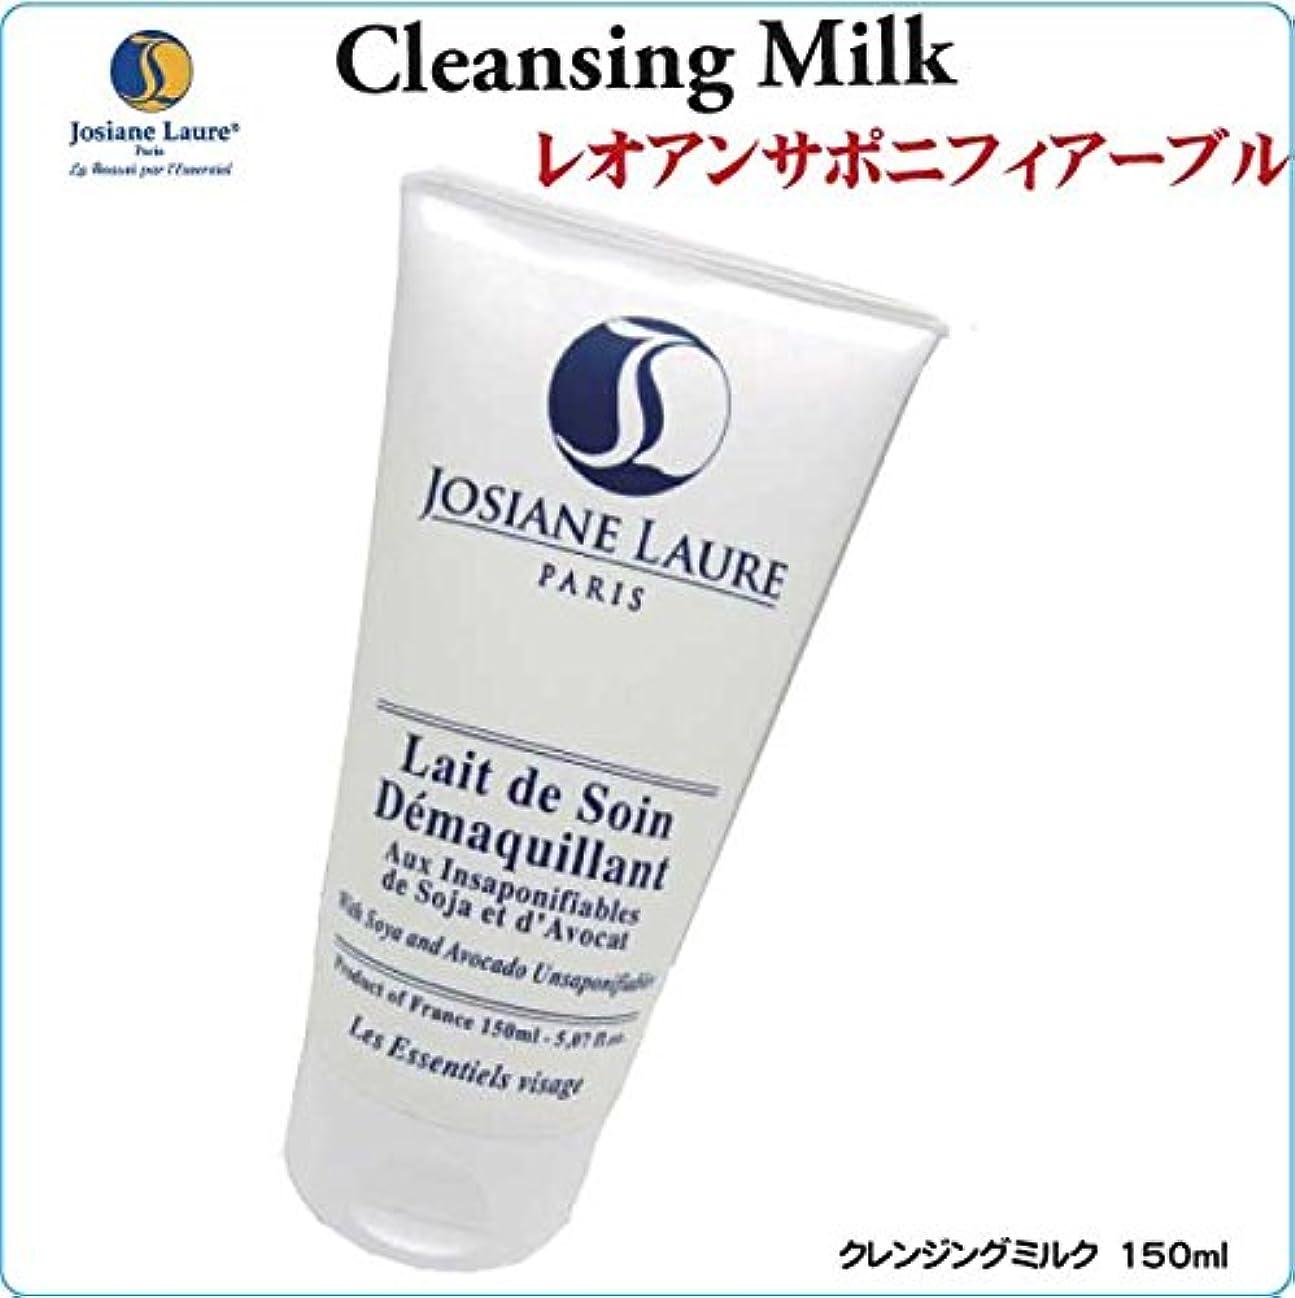 """【ジョジアンロール】""""レオアンサポニフィアーブル"""" (クレンジングミルク) 150ml"""